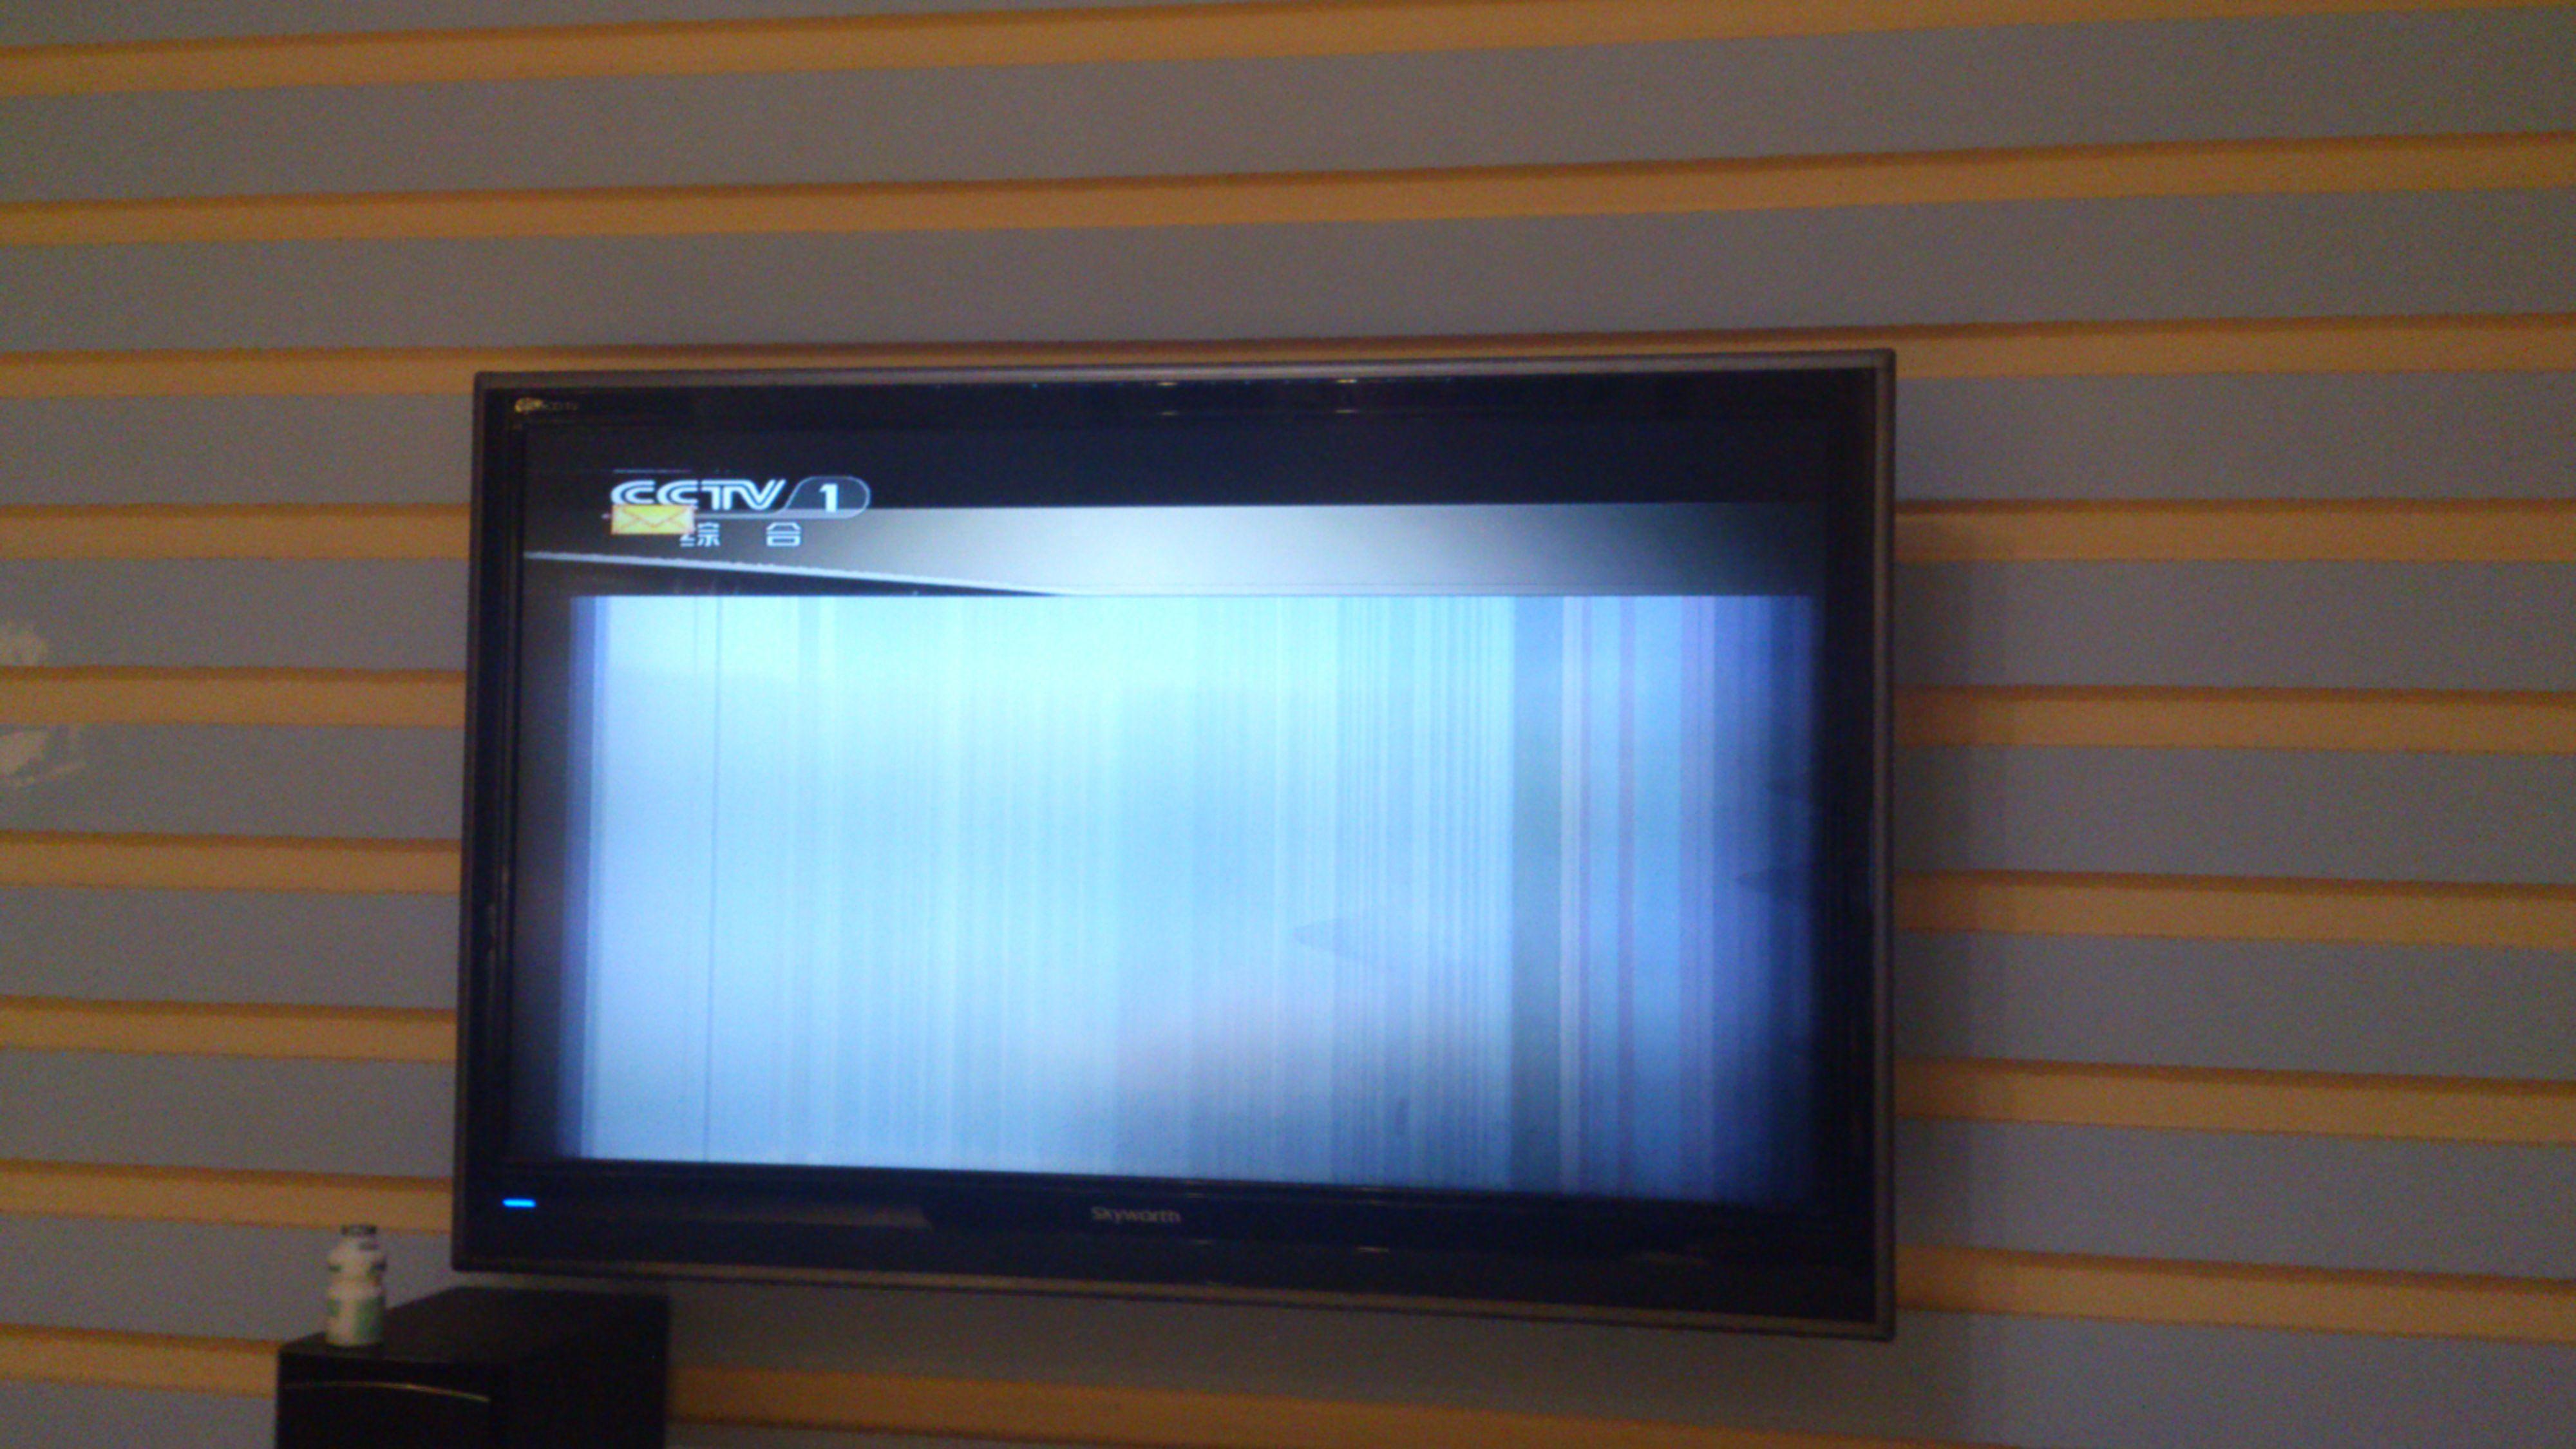 放到中午的时候,就是液晶屏幕下2/3部分开始花屏,呈竖条状,声音图片